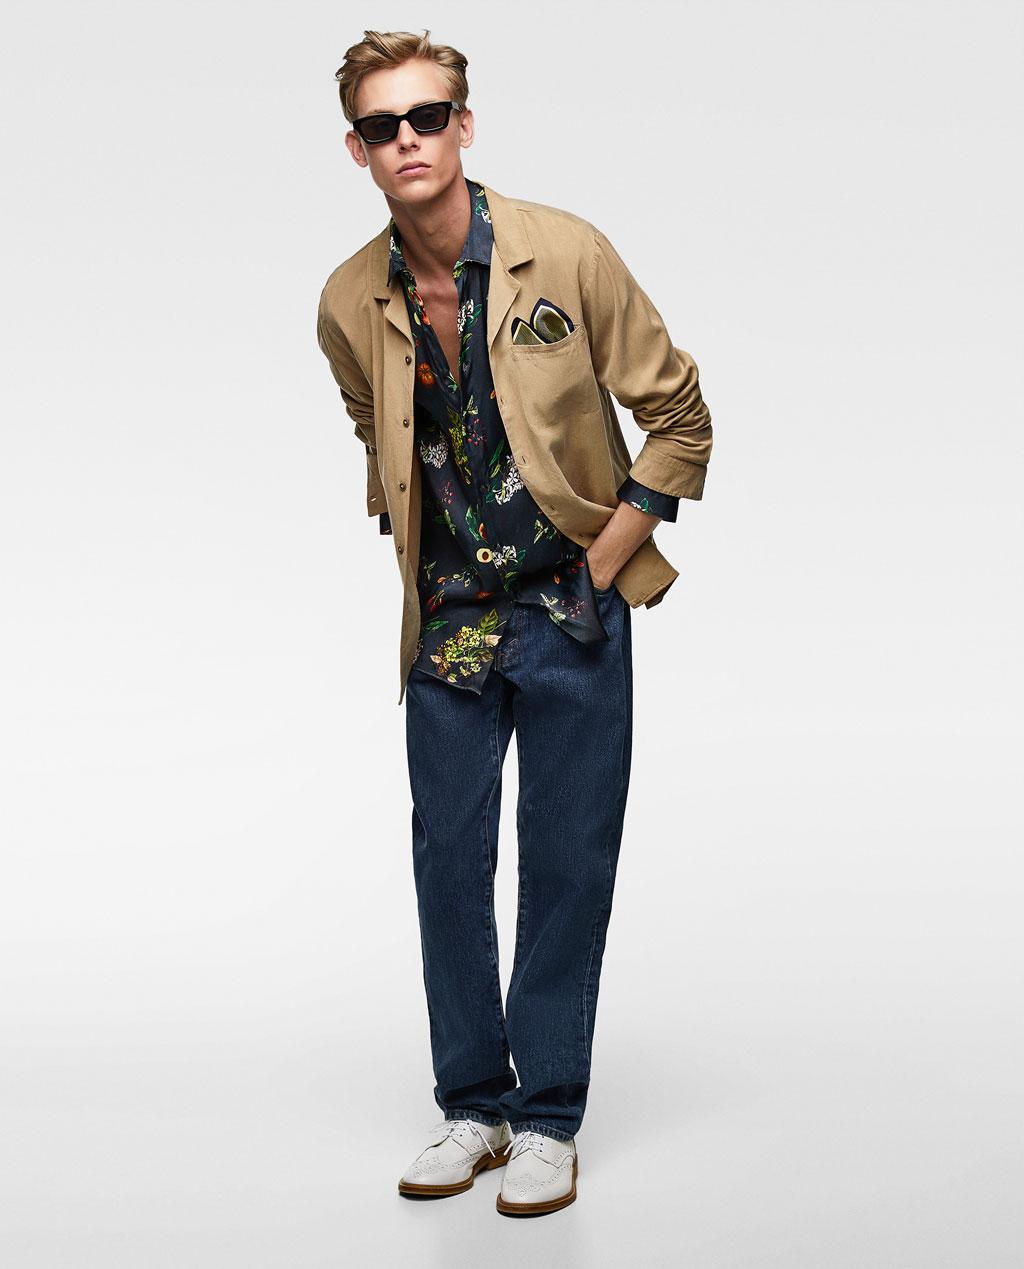 Thời trang nam Zara  24130 - ảnh 3